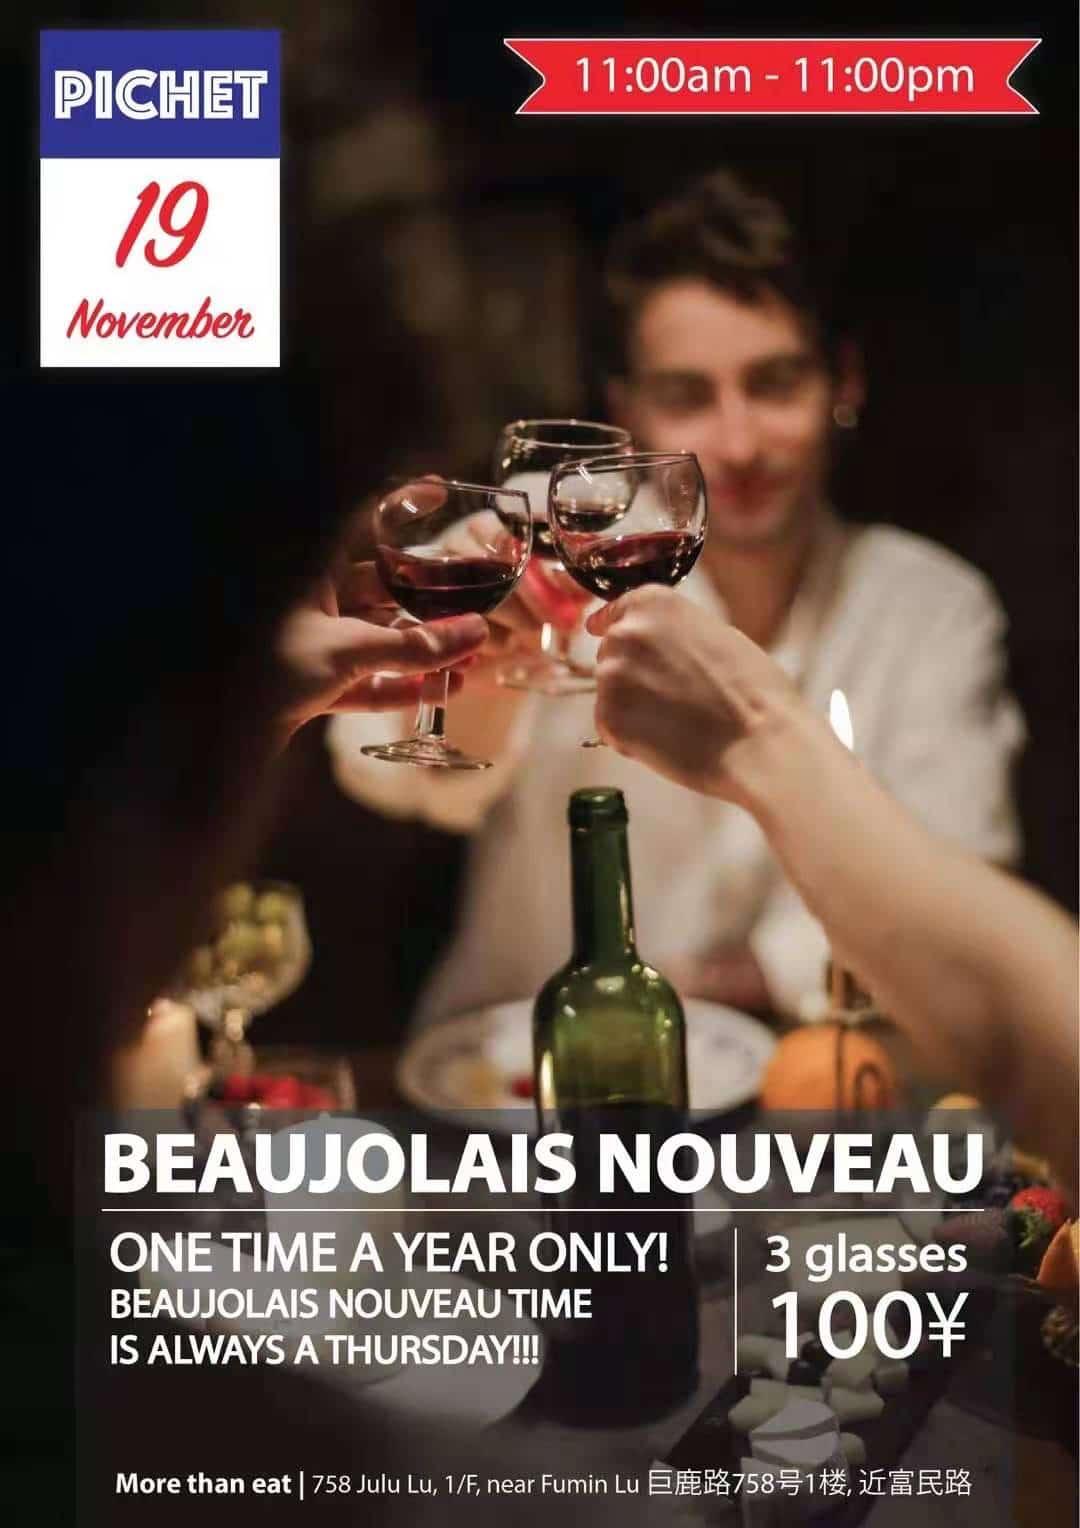 Beaujolais Nouveau Time at Pichet